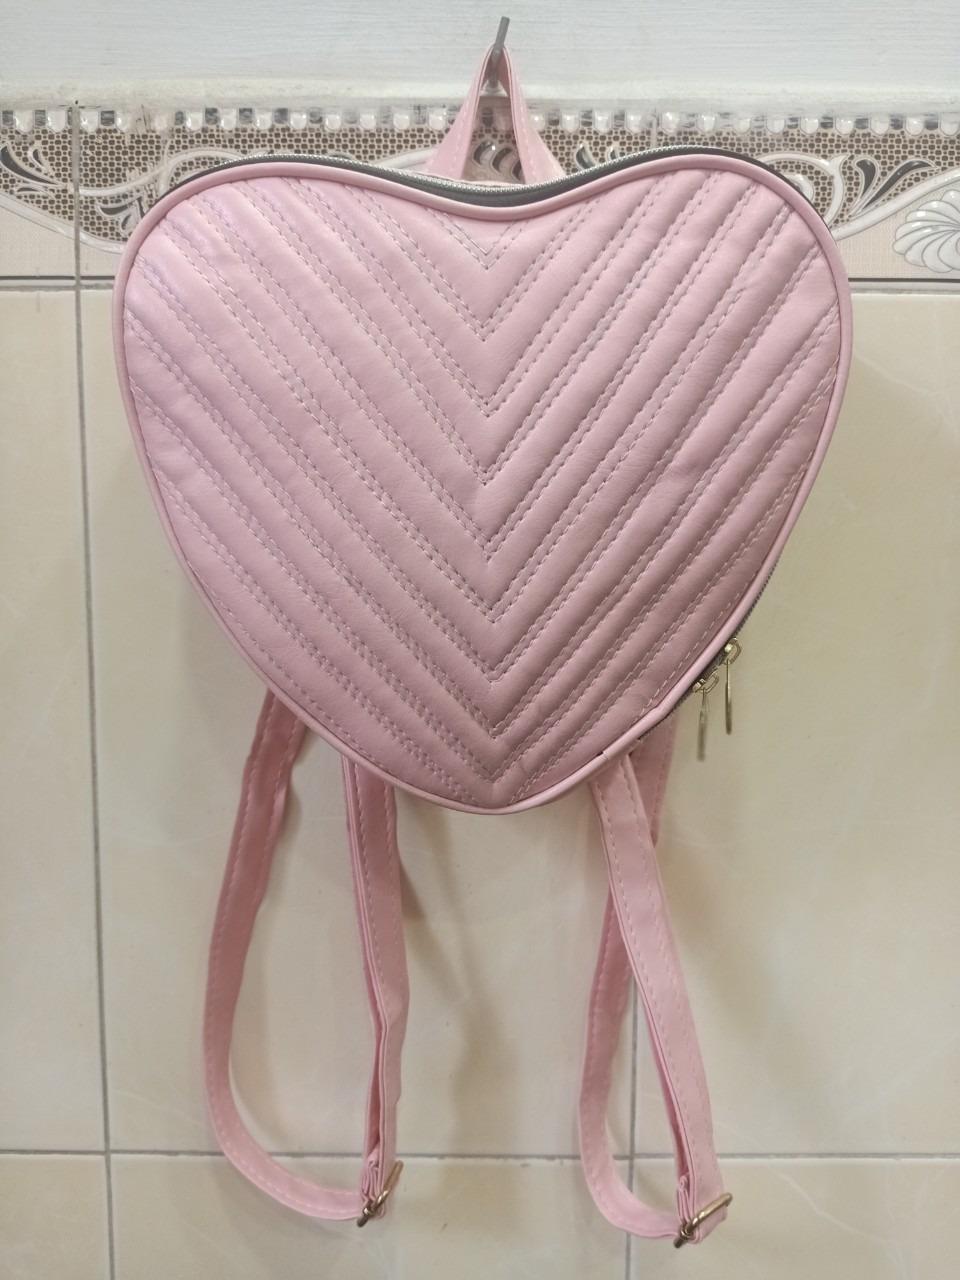 Bỏ sỉ balo hình trái tim quà tặng bạn gái